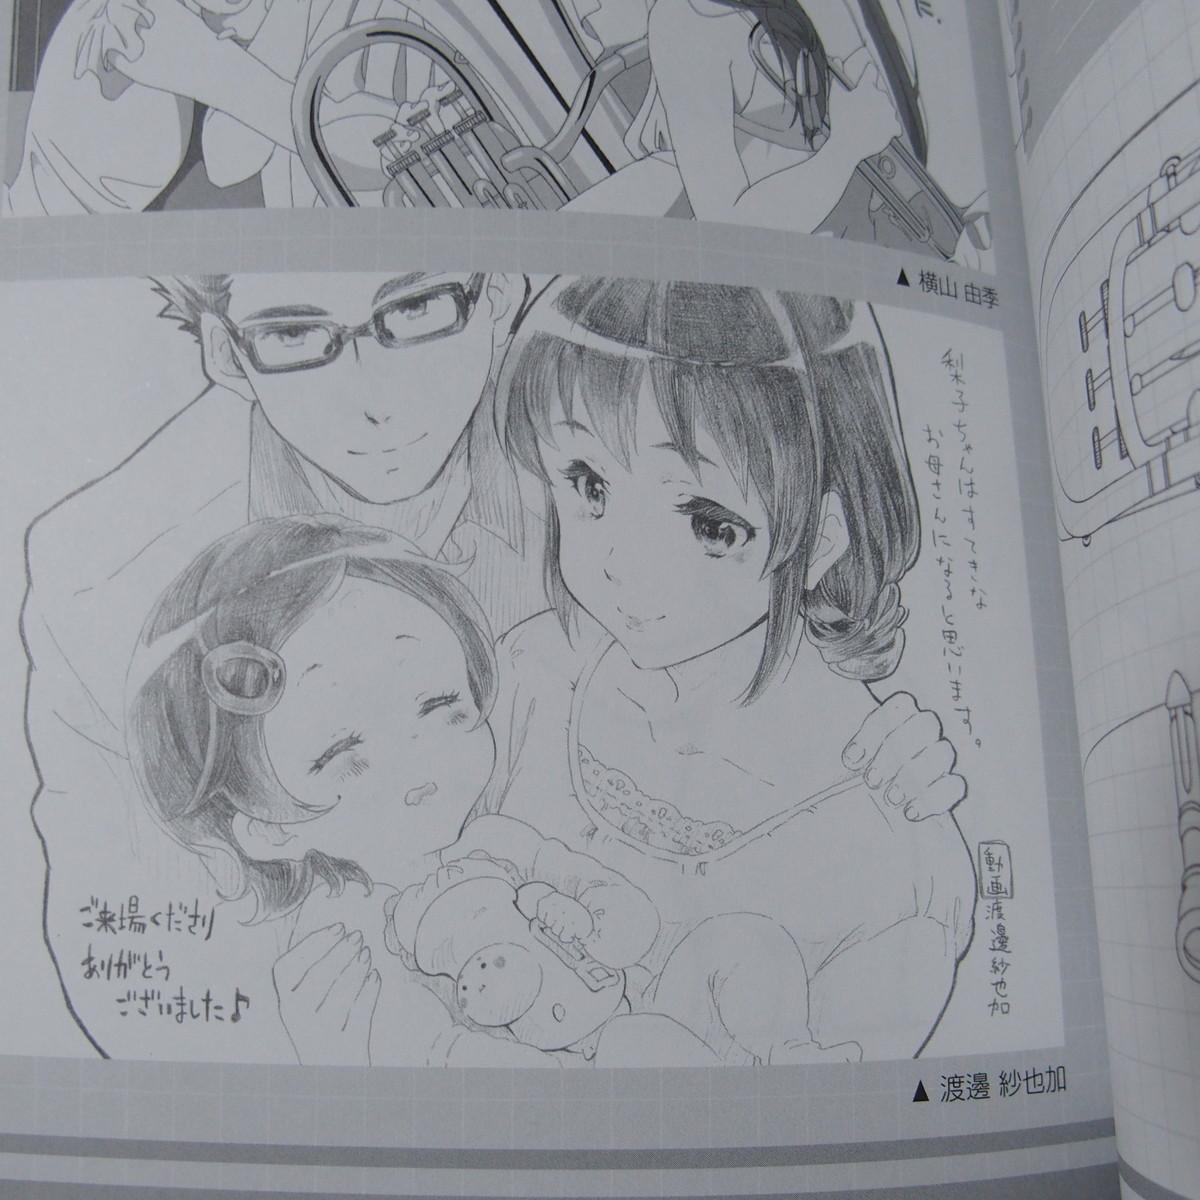 【響け!ユーフォニアム】長瀬梨子はぽっちゃりやさしいかわいい 2曲目 [無断転載禁止]©2ch.net->画像>54枚